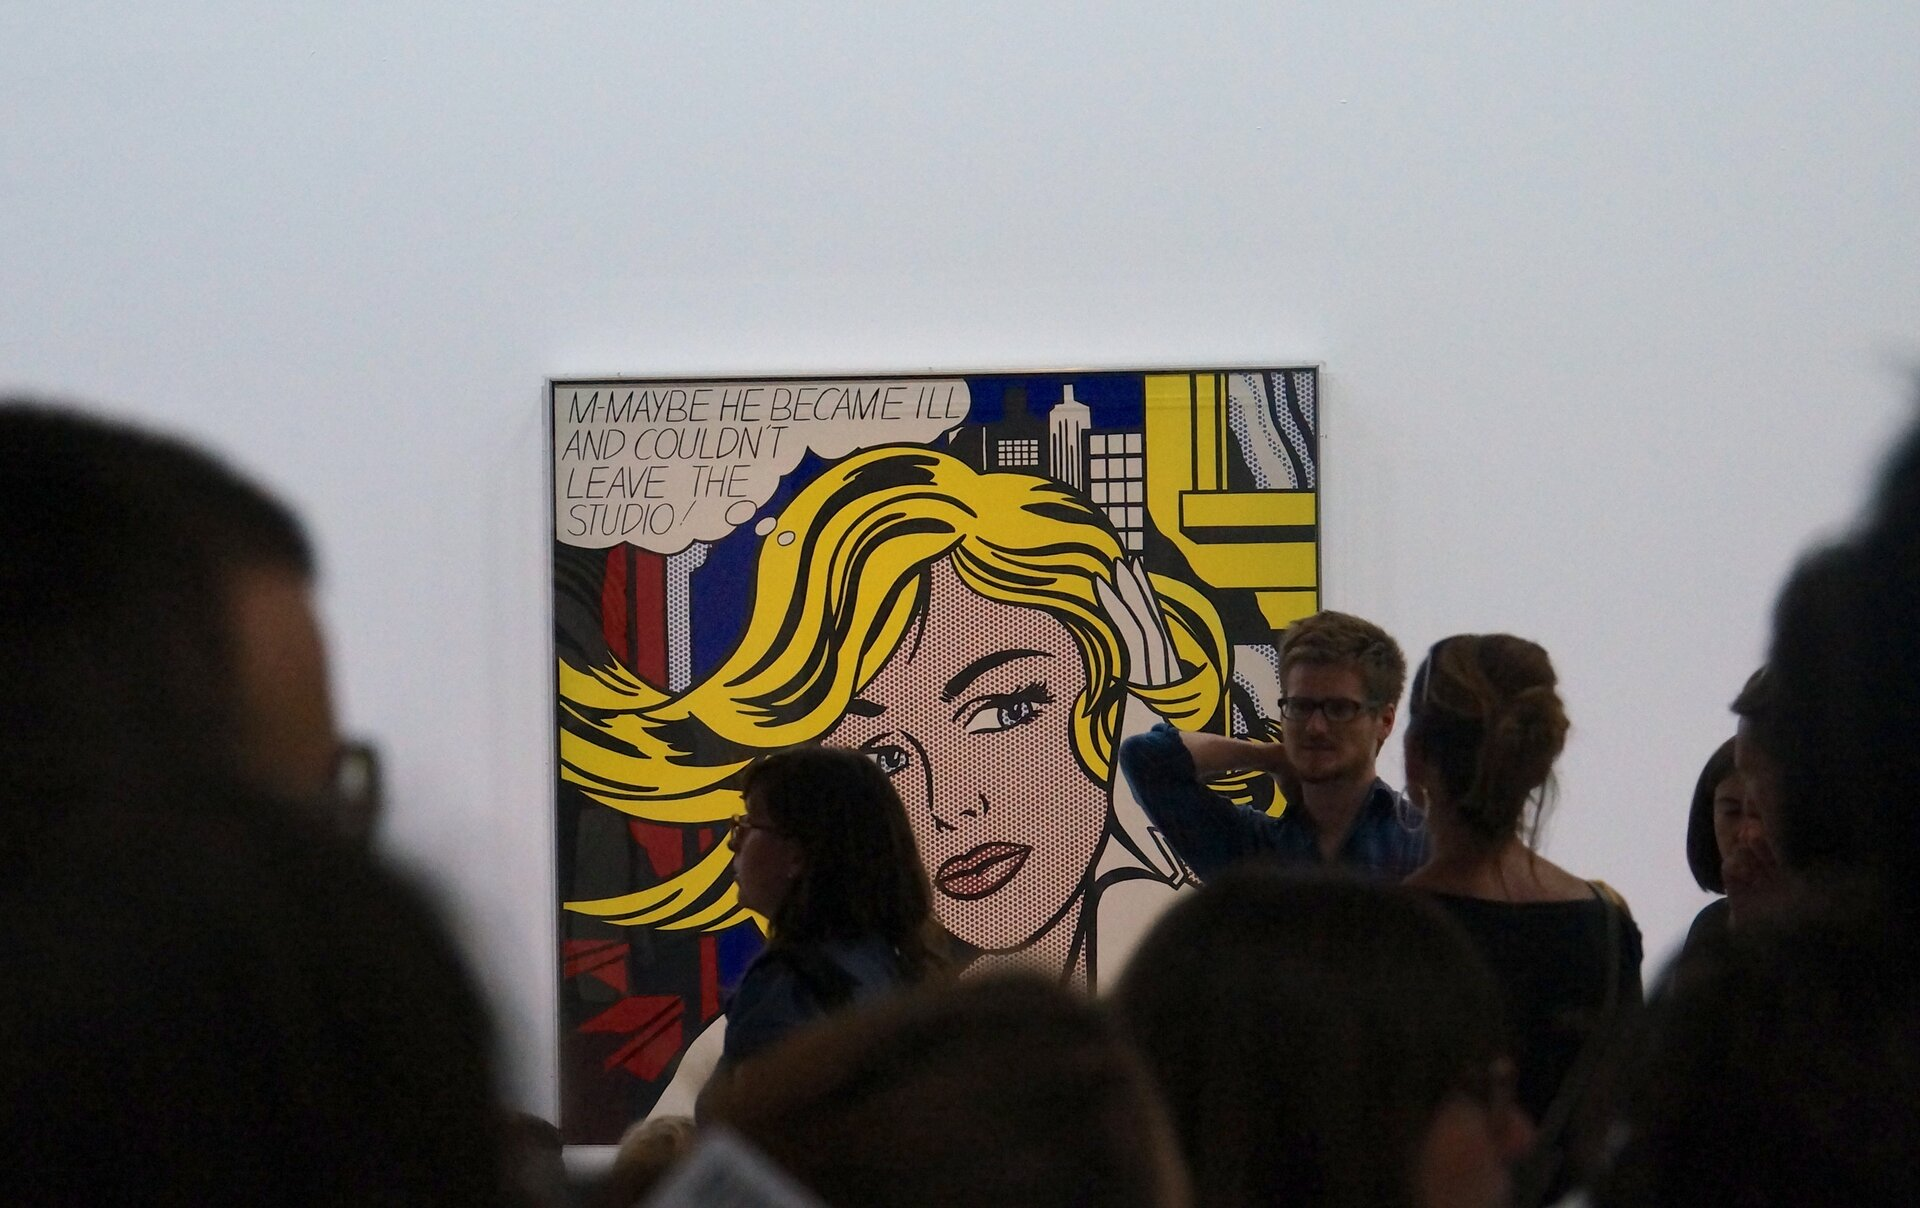 """Ilustracja przedstawia zdjęcie zgalerii przedstawiające dzieło Roya Lichtensteina """"M-Maybe"""", ukazujące kobietę ożółtych włosach na tle miejskiego pejzażu. Przed dziełem stoi mężczyzna, który opowiada odziele. NA pierwszym planie zgromadzeni są ludzie."""